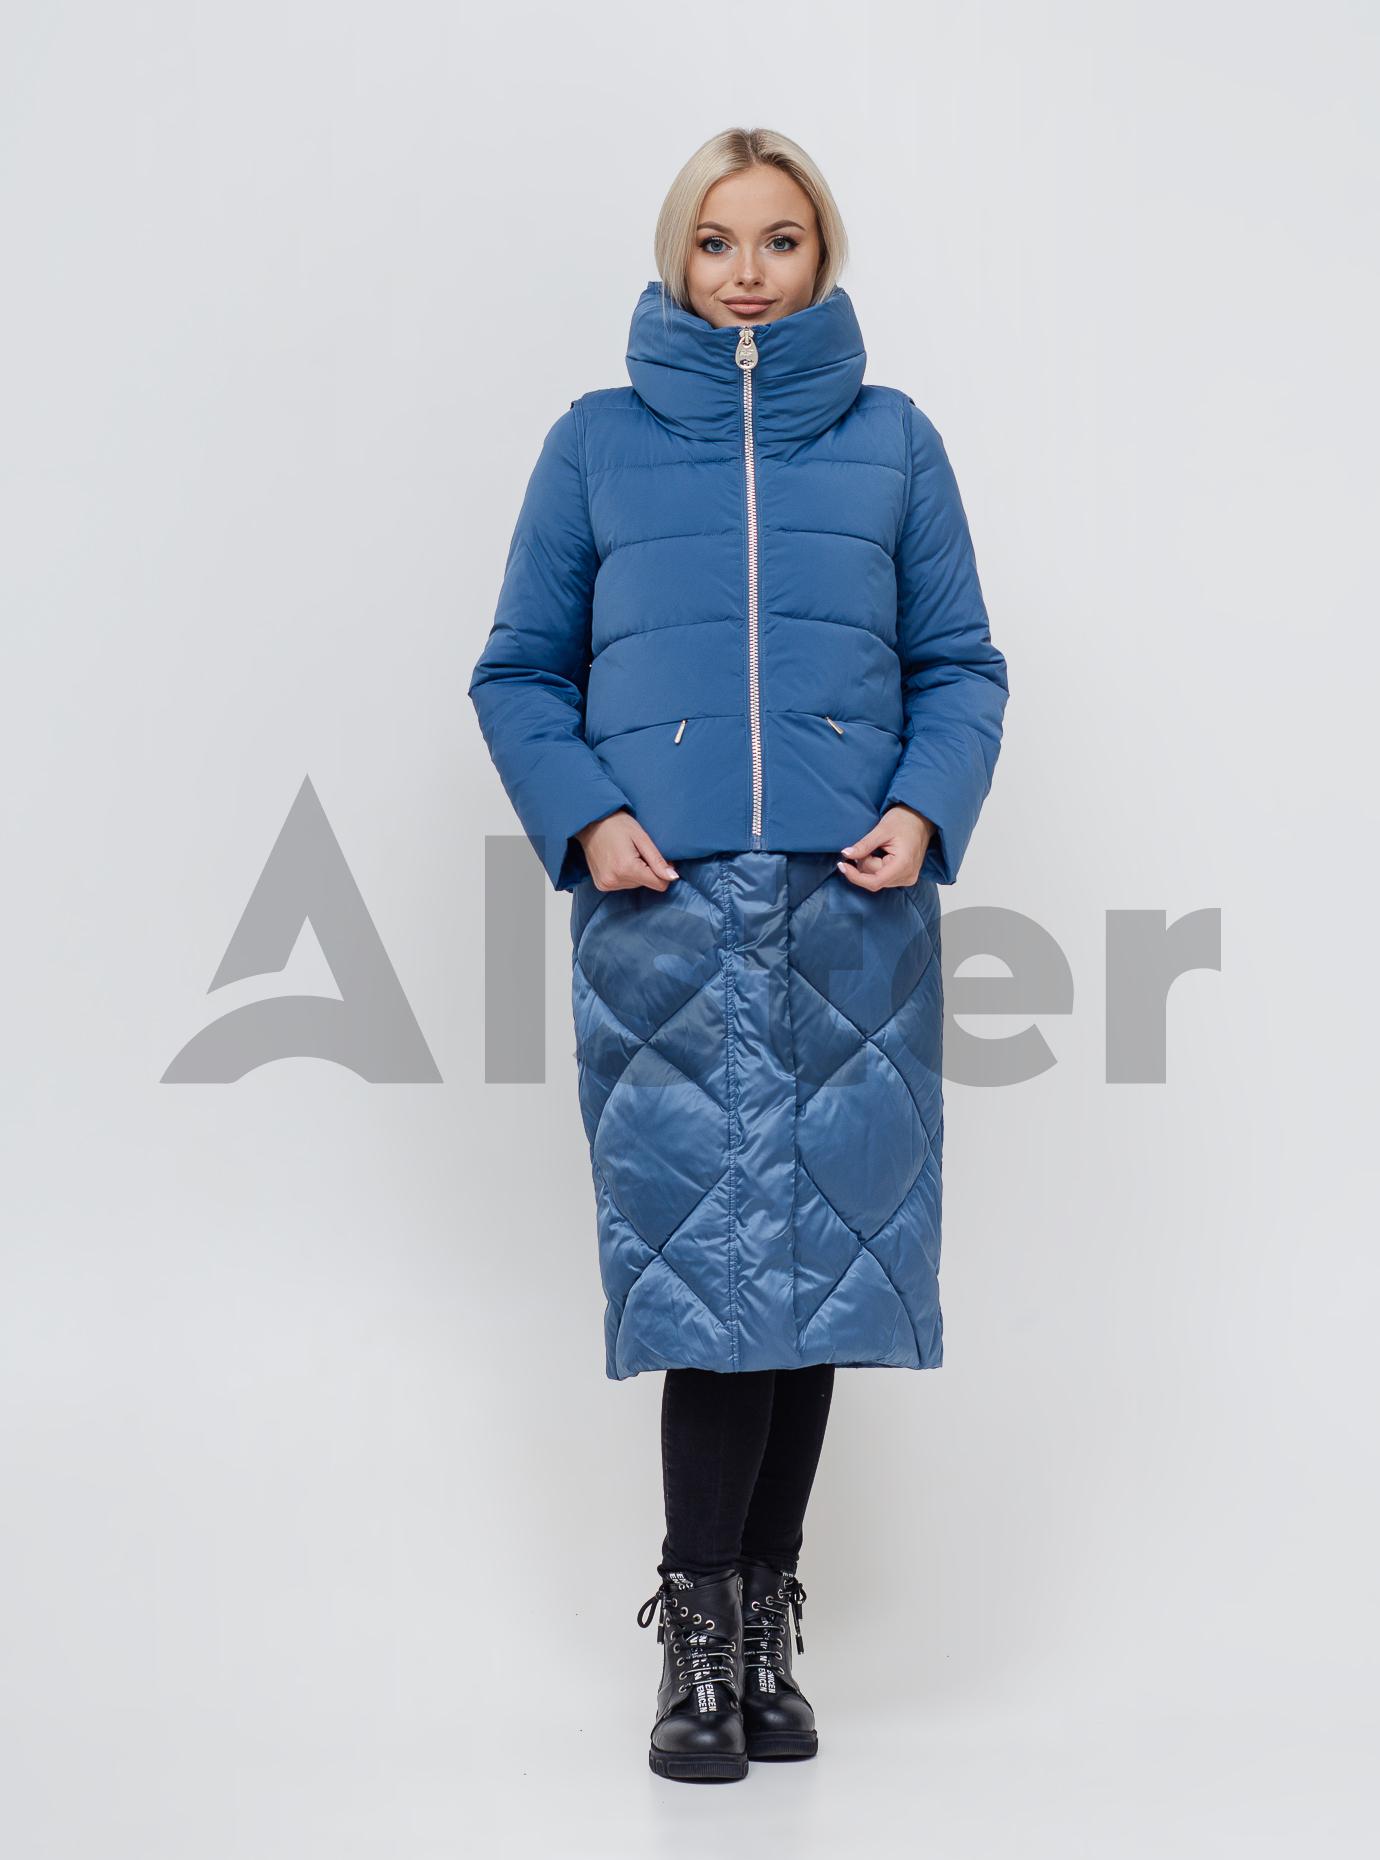 Куртка зимняя длинная с жилетом Джинс 42 (02-N200158): фото - Alster.ua